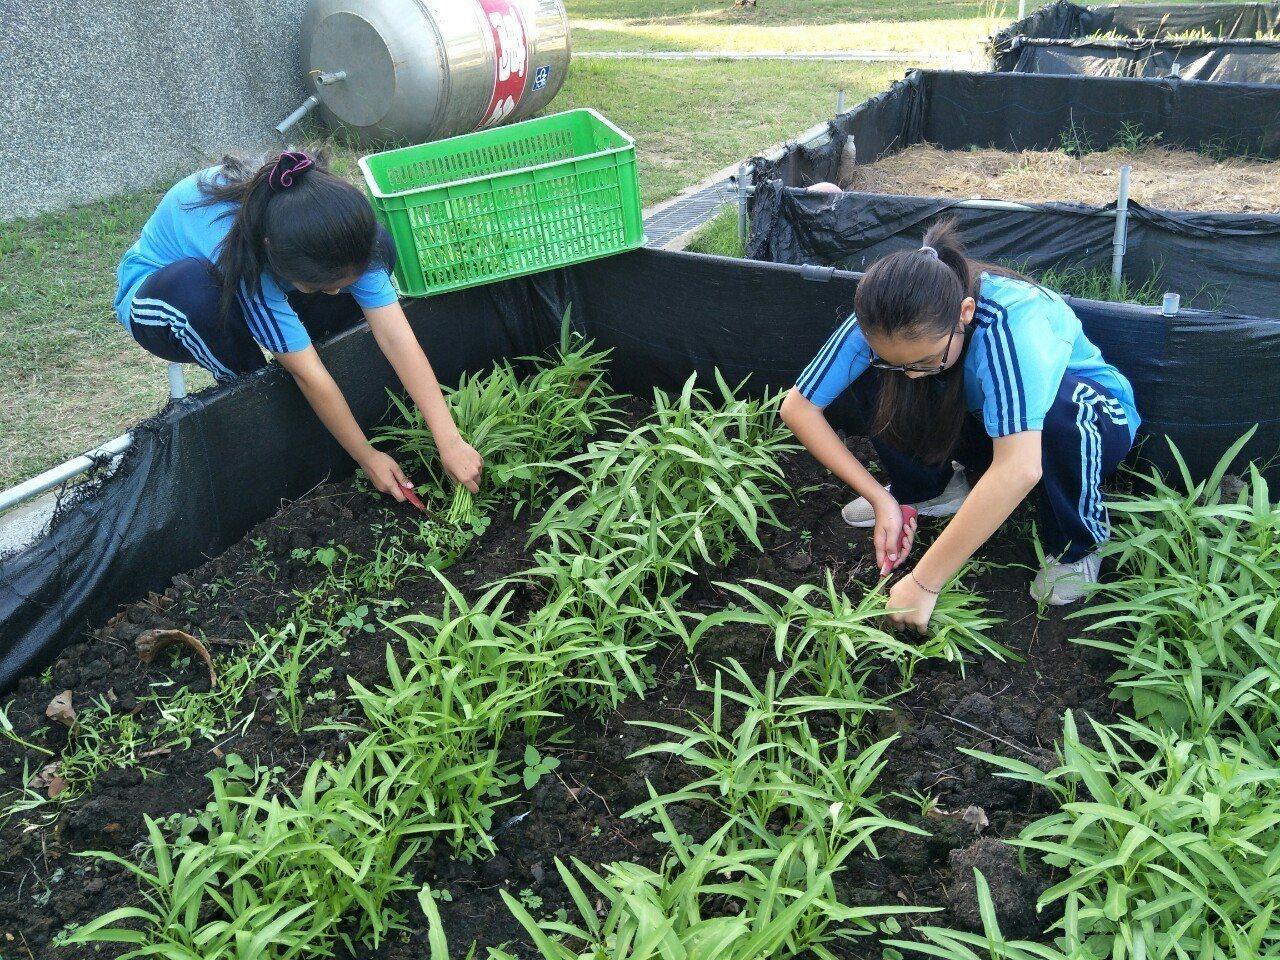 布袋國中學生在校園開闢農場,友善栽種蔬菜。記者謝恩得/翻攝